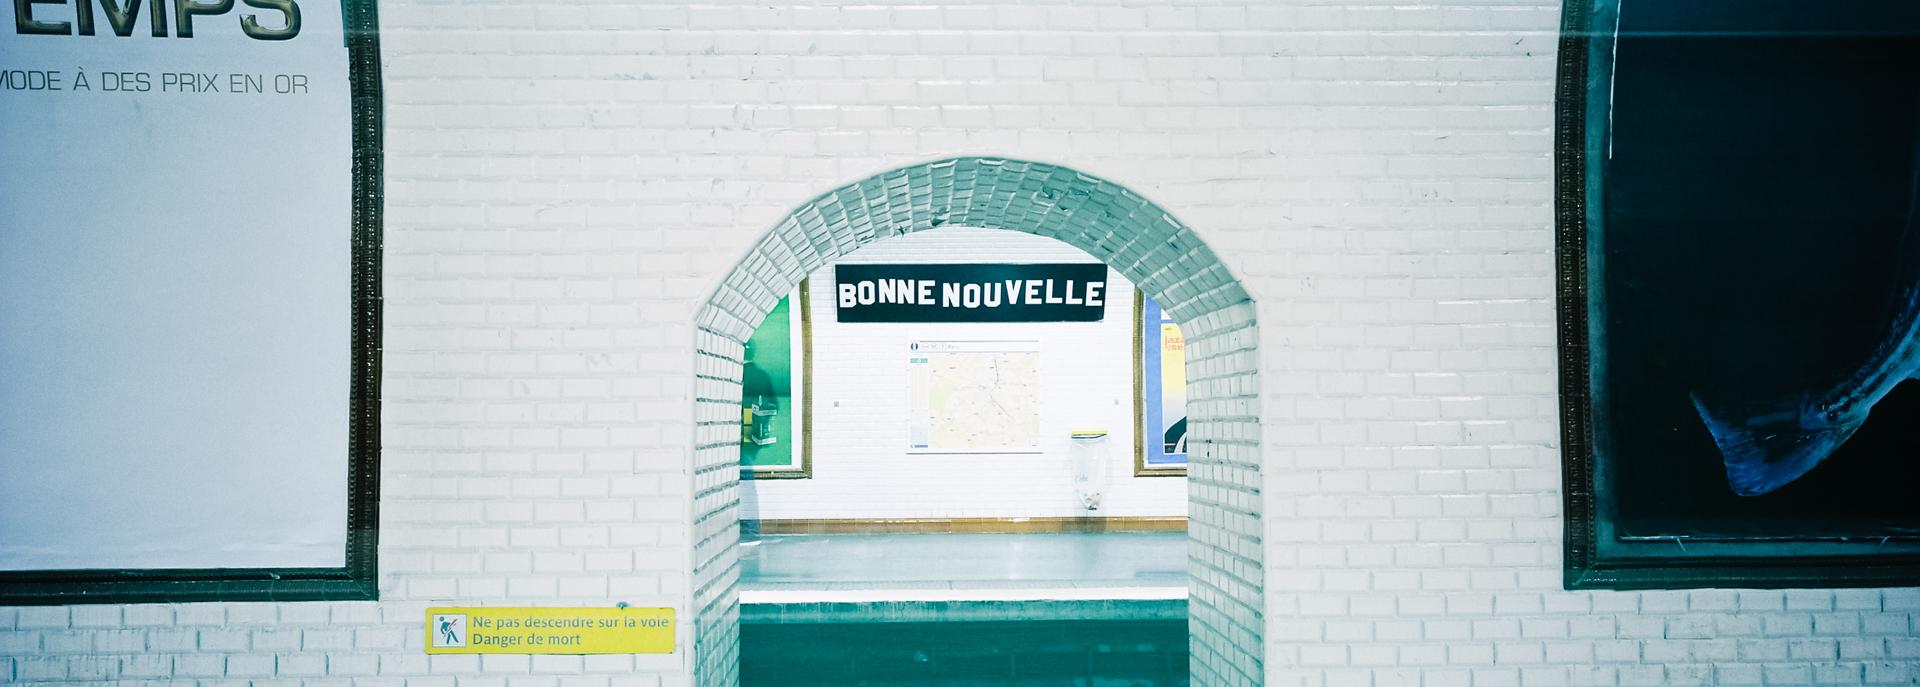 20151014_samuell_paris10_bonnenouvelle_hasselblad_xpanII_couleur_8